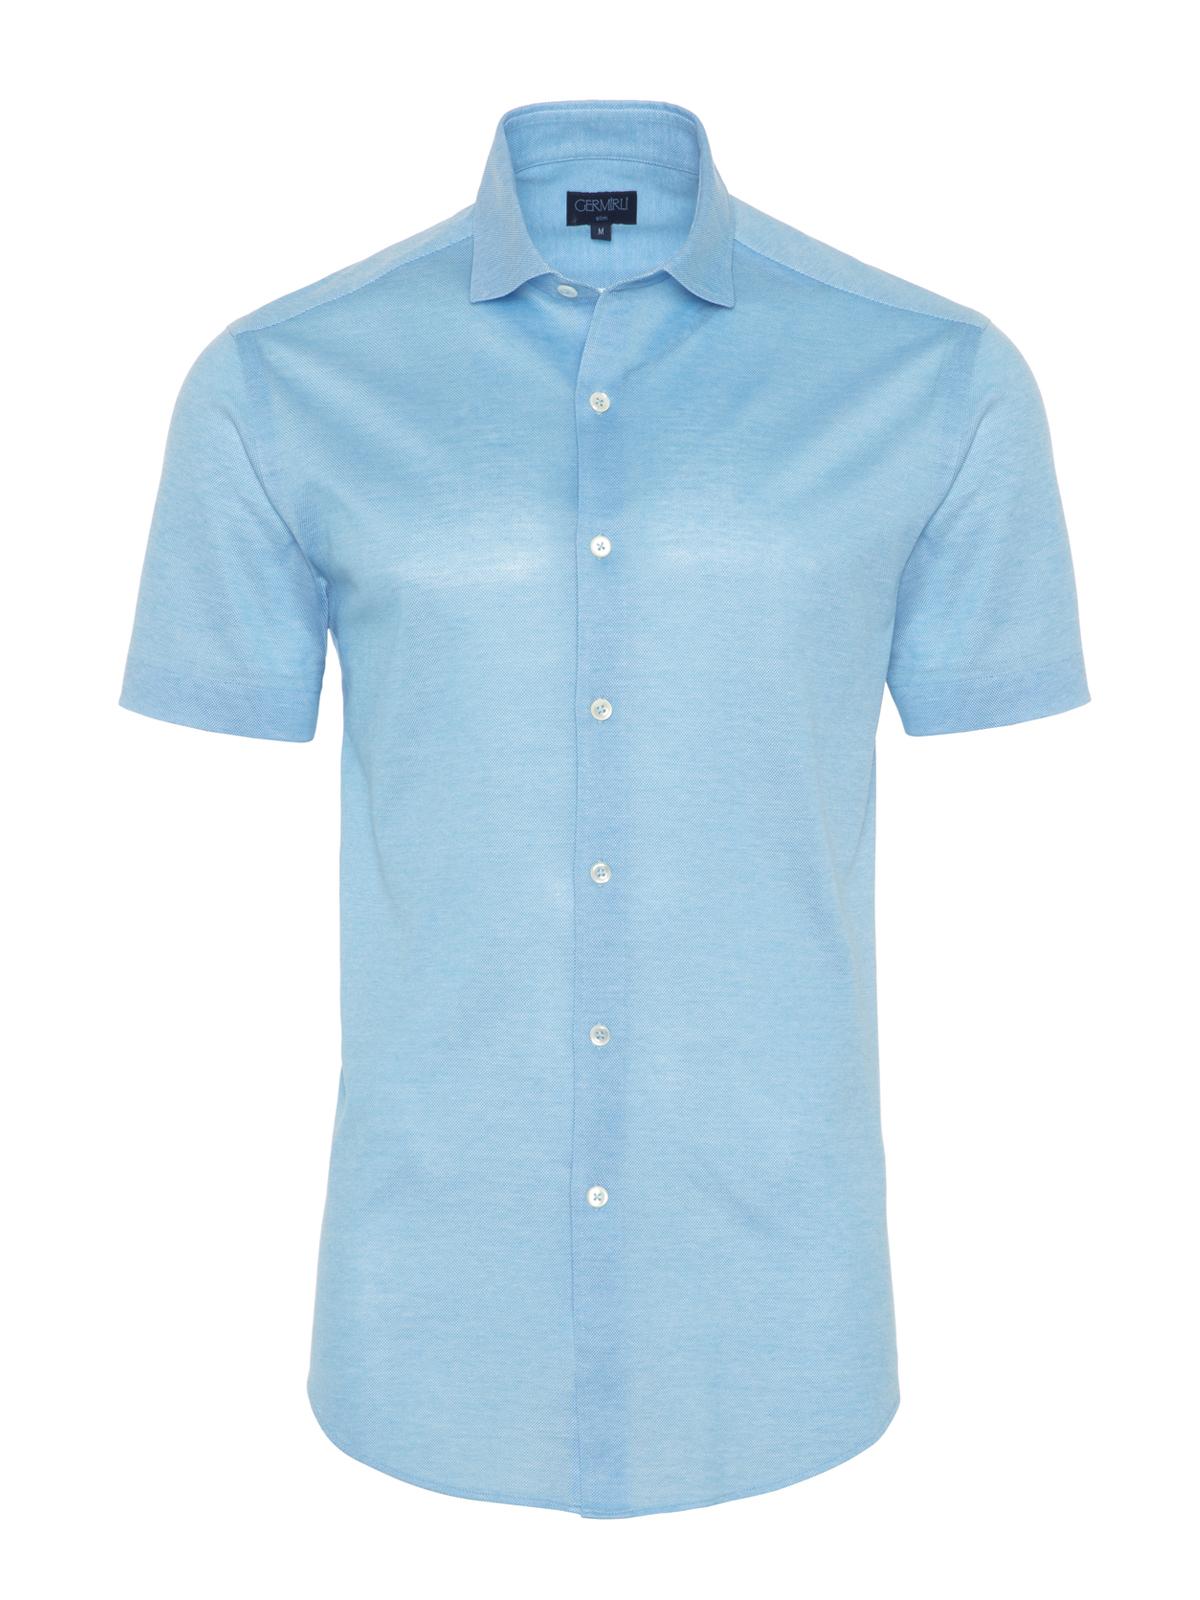 Germirli - Germirli Turkuaz Klasik Yaka Örme Kısa Kollu Slim Fit Gömlek